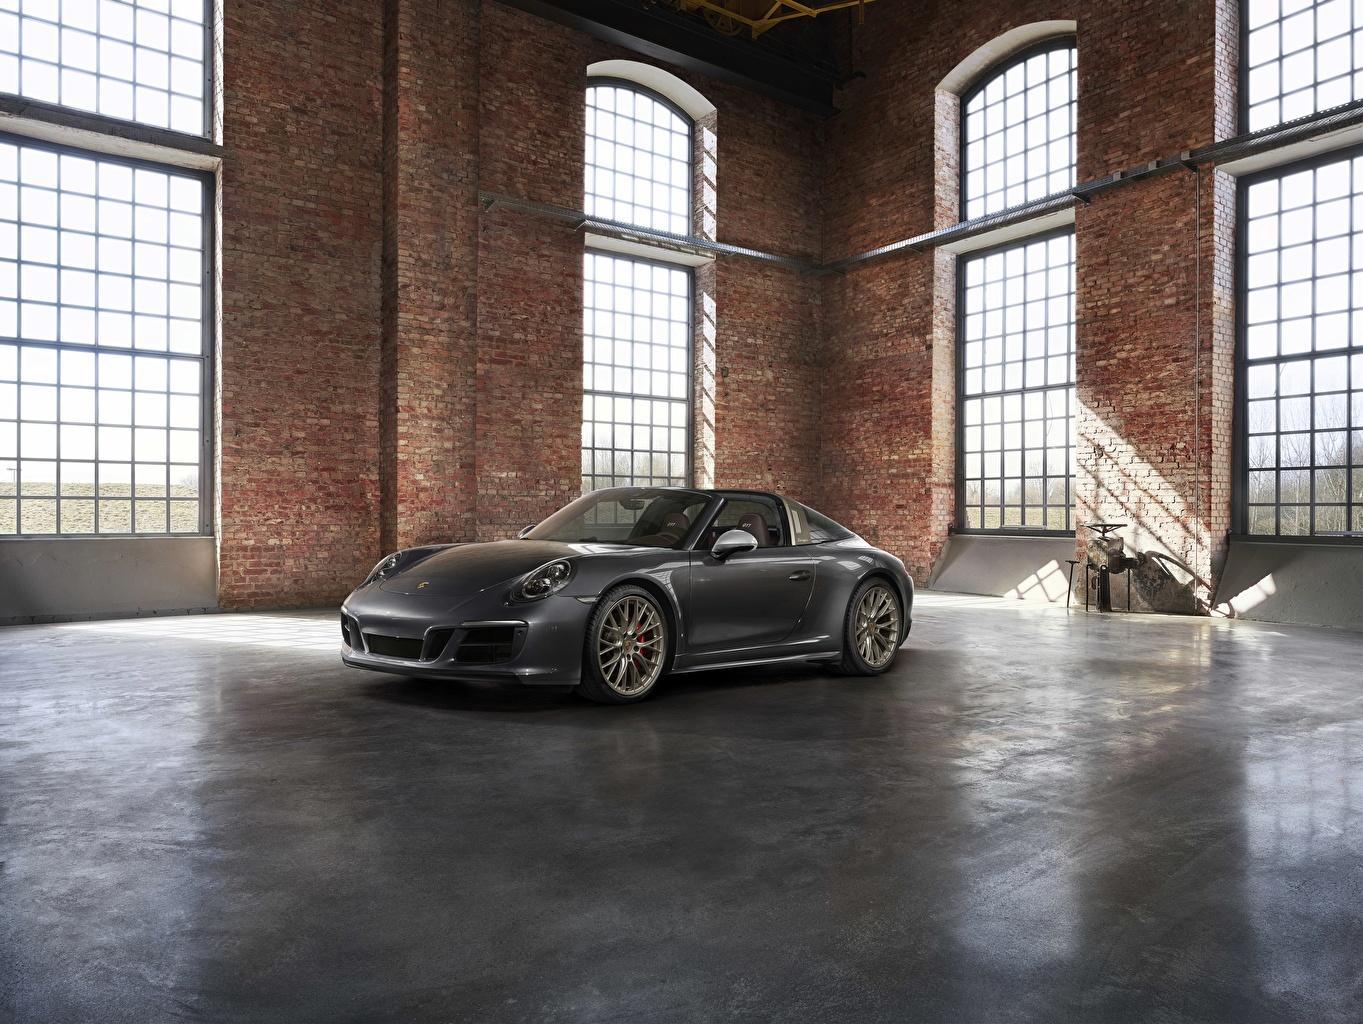 Картинки Porsche 4x4 Biturbo 911 Targa 4 GTS Exclusive Manufaktur Edition Родстер Серый Автомобили Порше Авто Машины